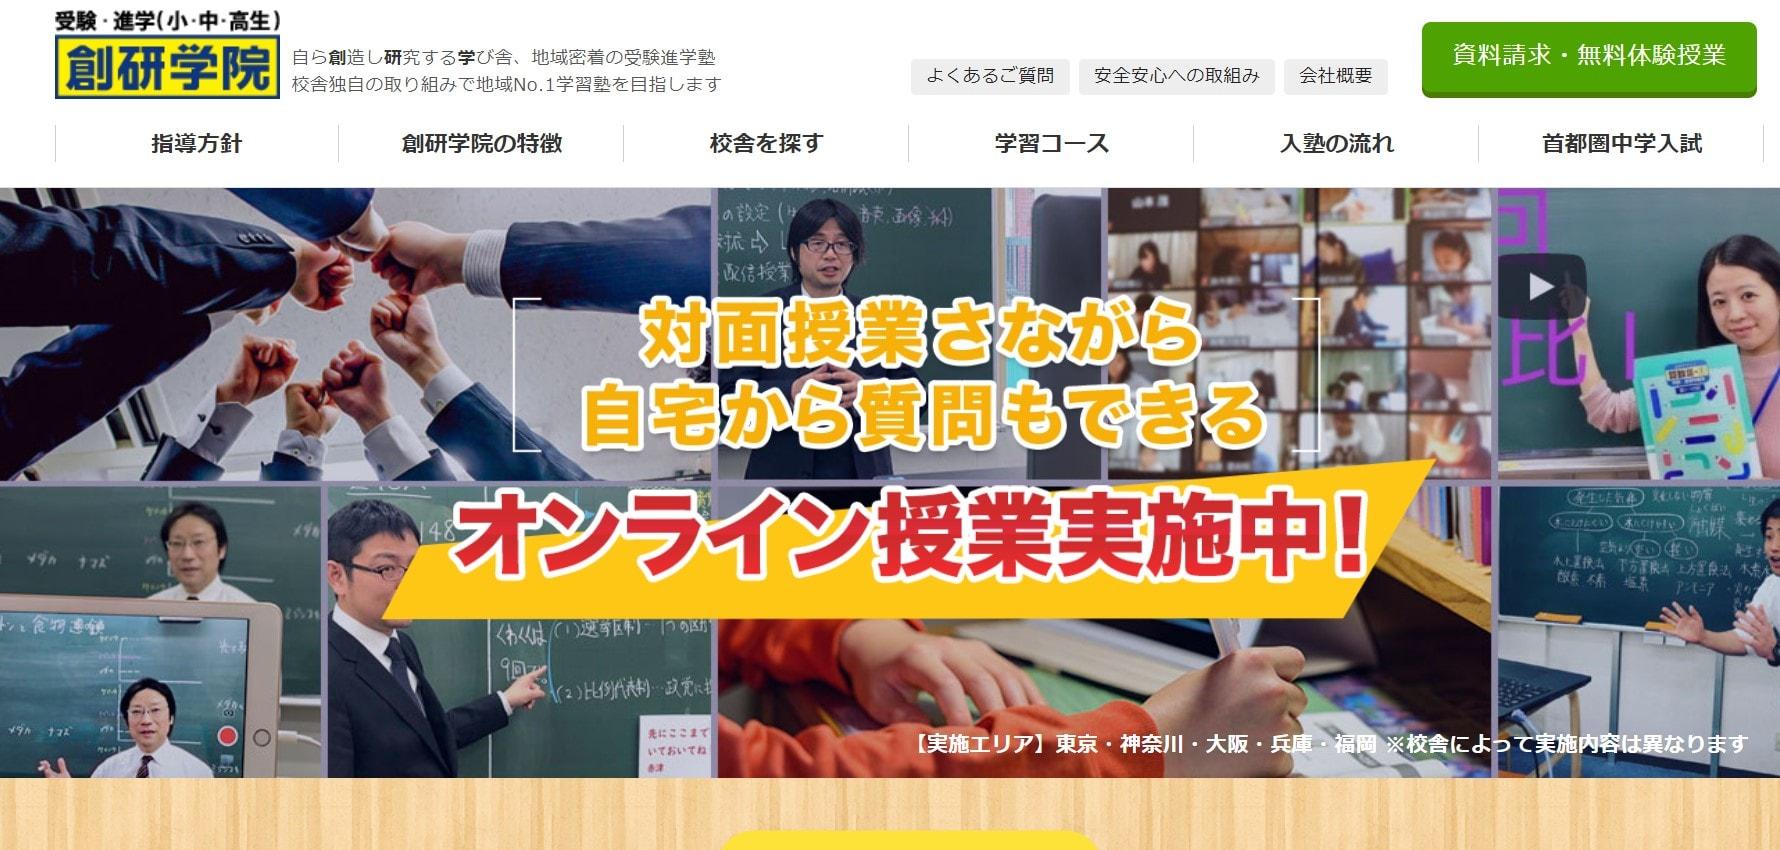 創研学院のオンライン授業